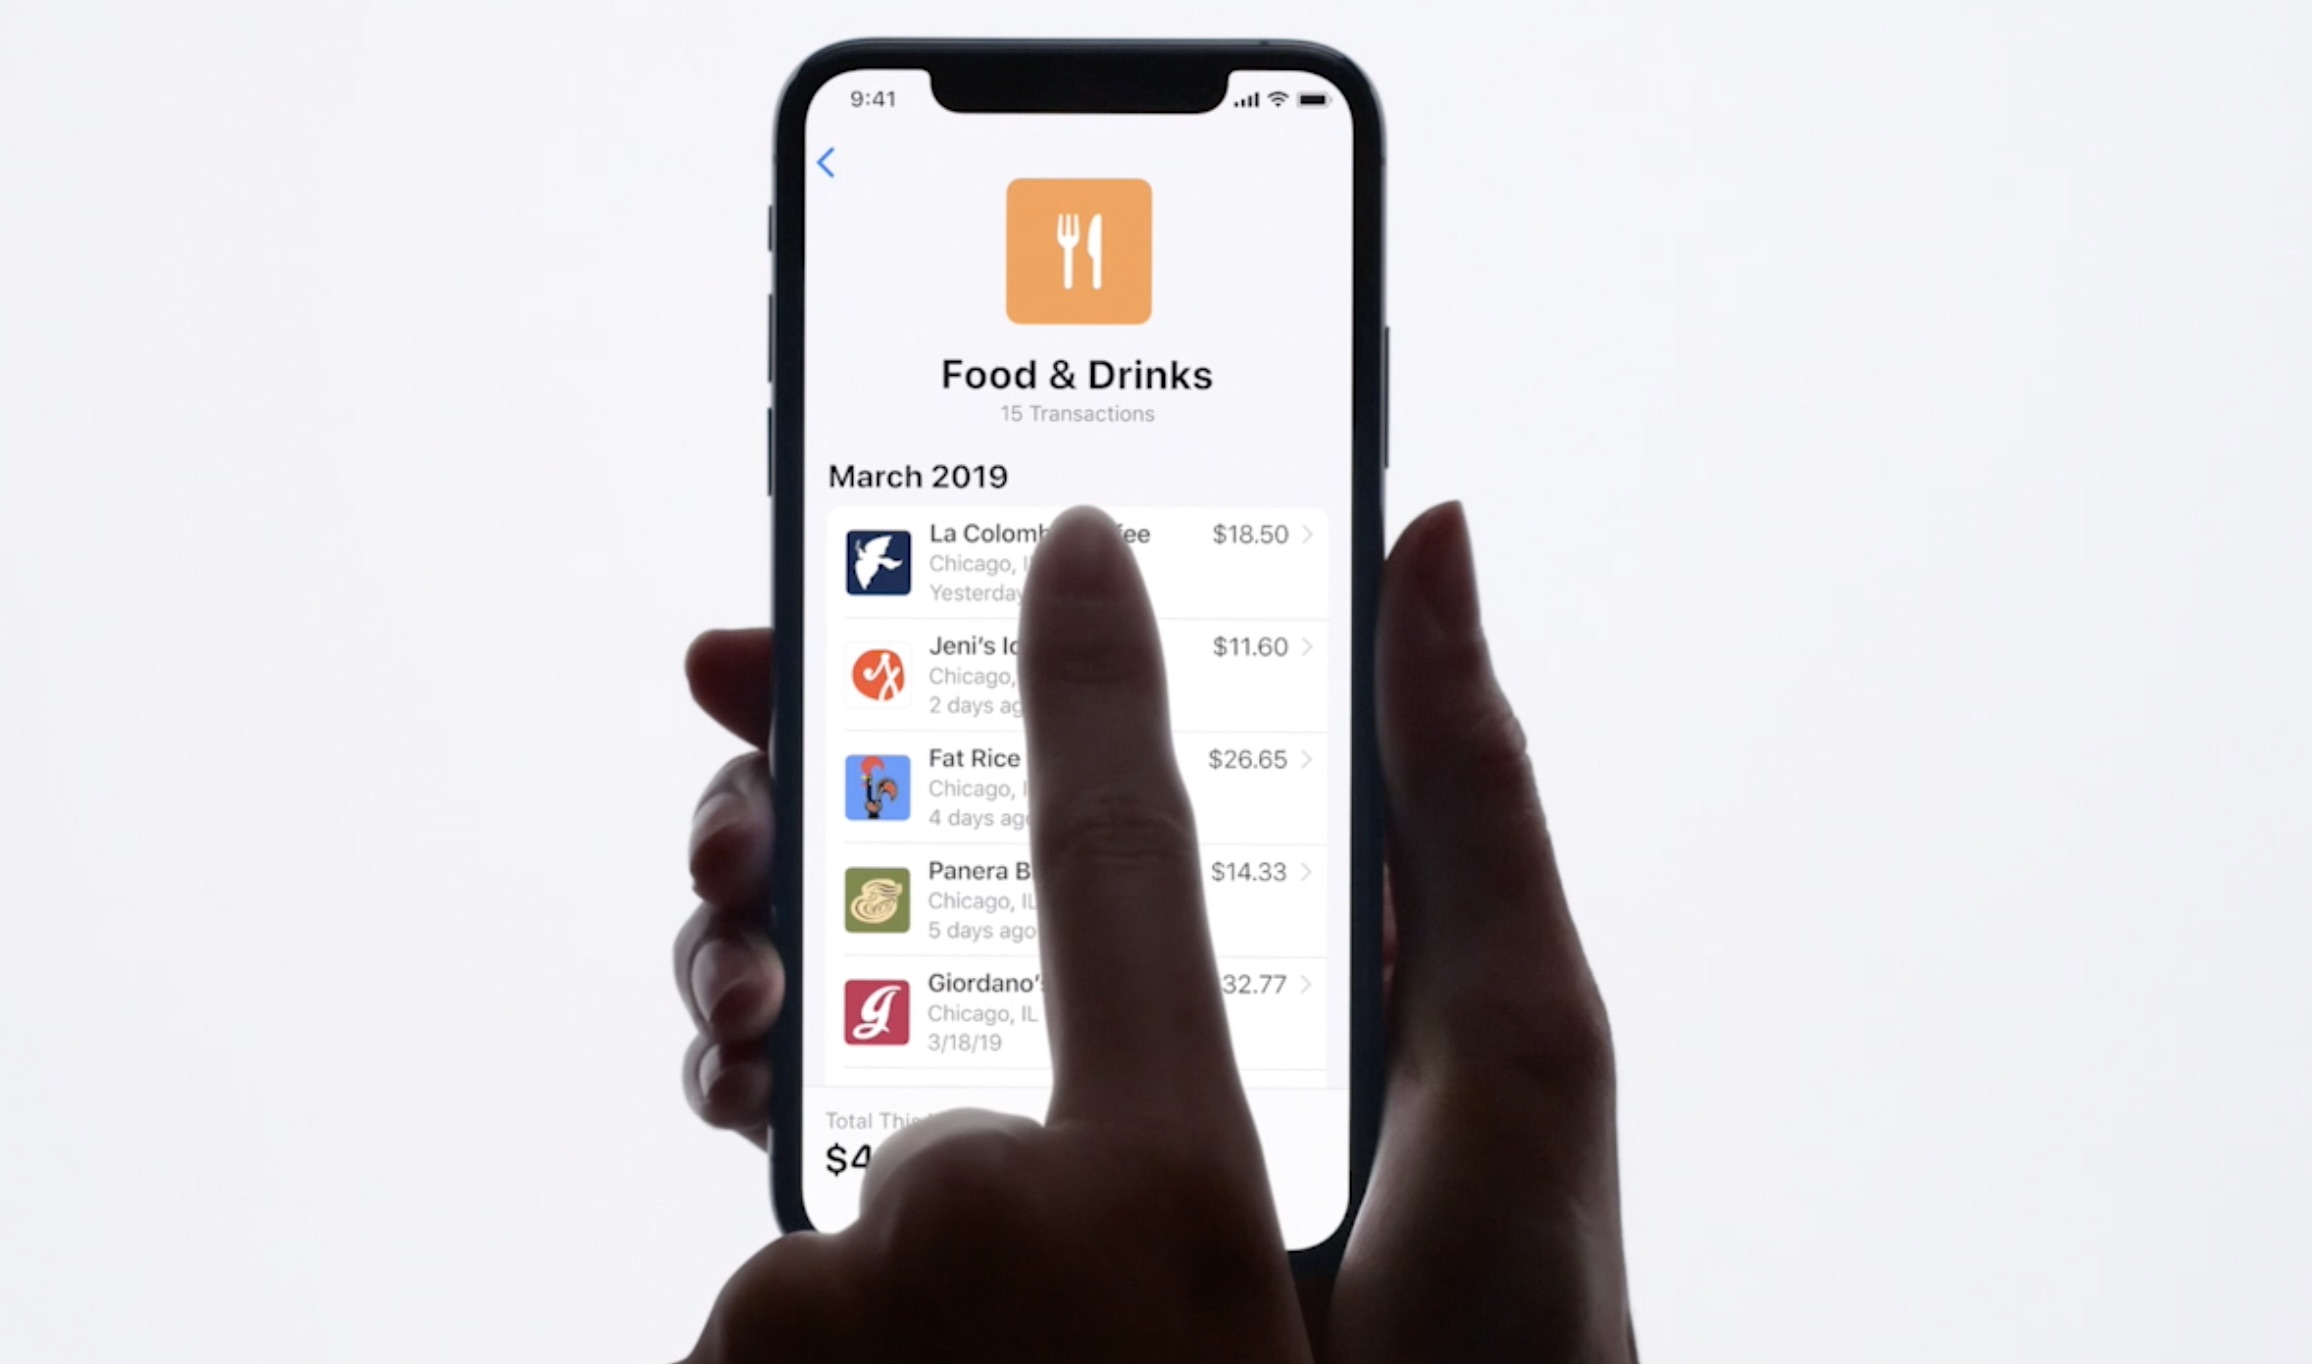 aperçu des tableaux de bord pour gérer son budget avec Apple Card